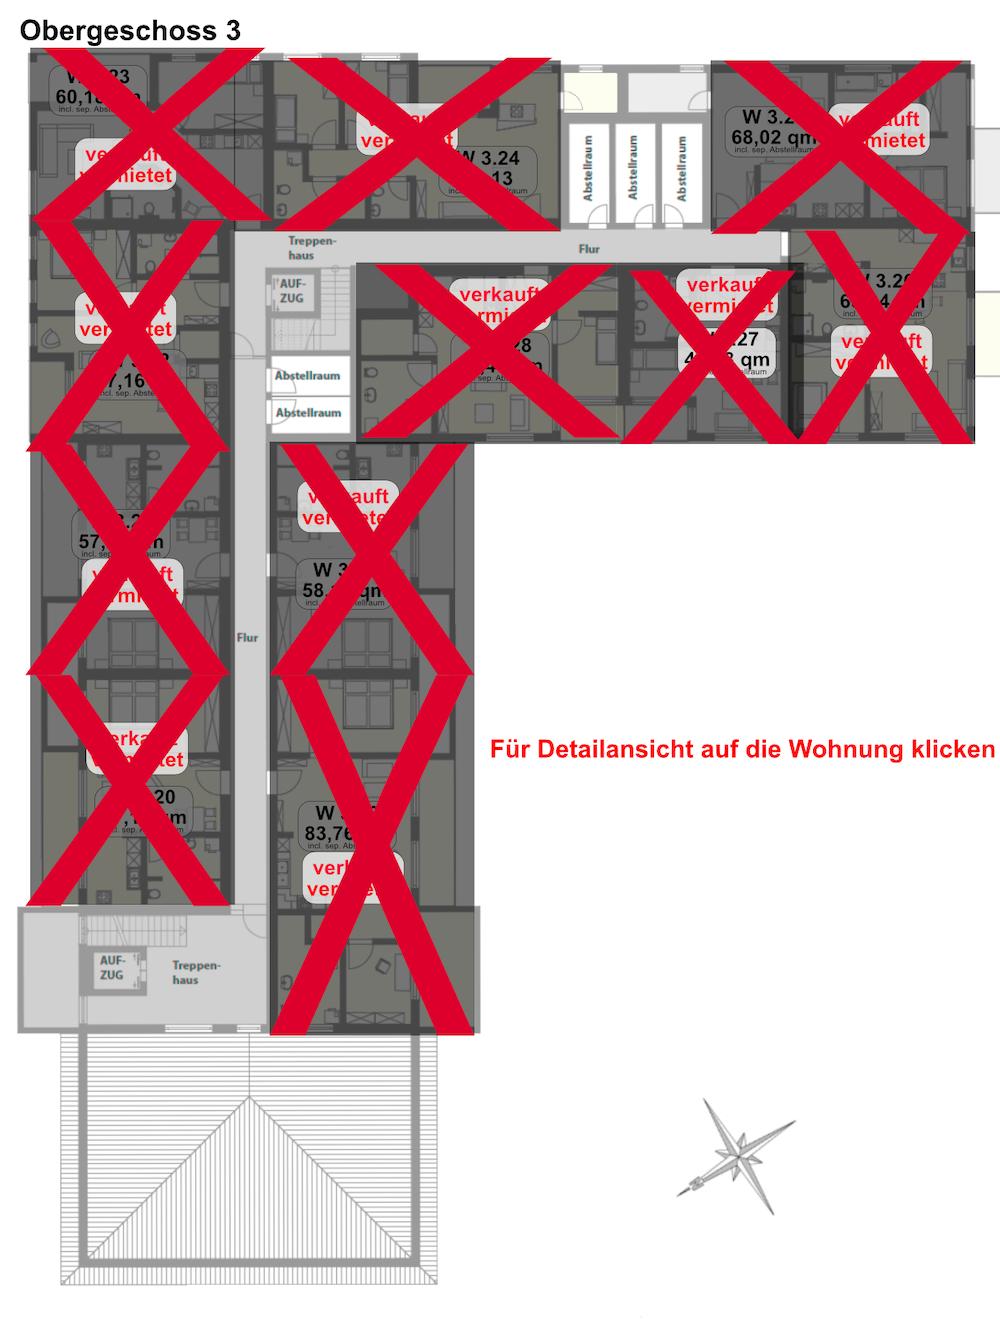 Diespeck Grundriss Obergeschoss 3, Service-Wohnen, Diakonie, Seniorenwohung, Neustadt Aisch